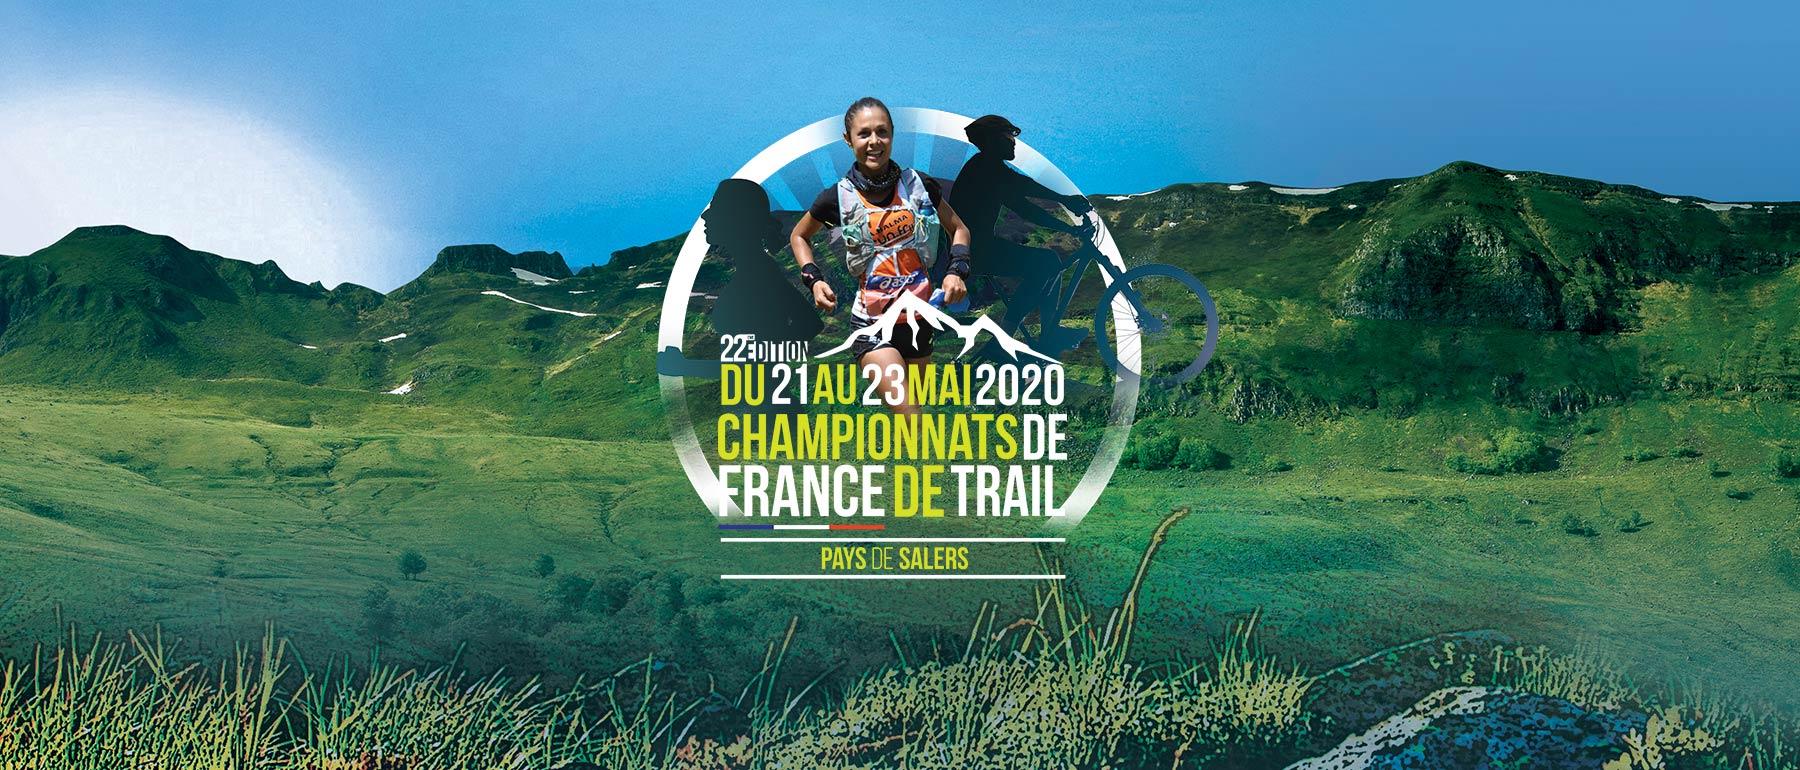 Championnat de France de Trail